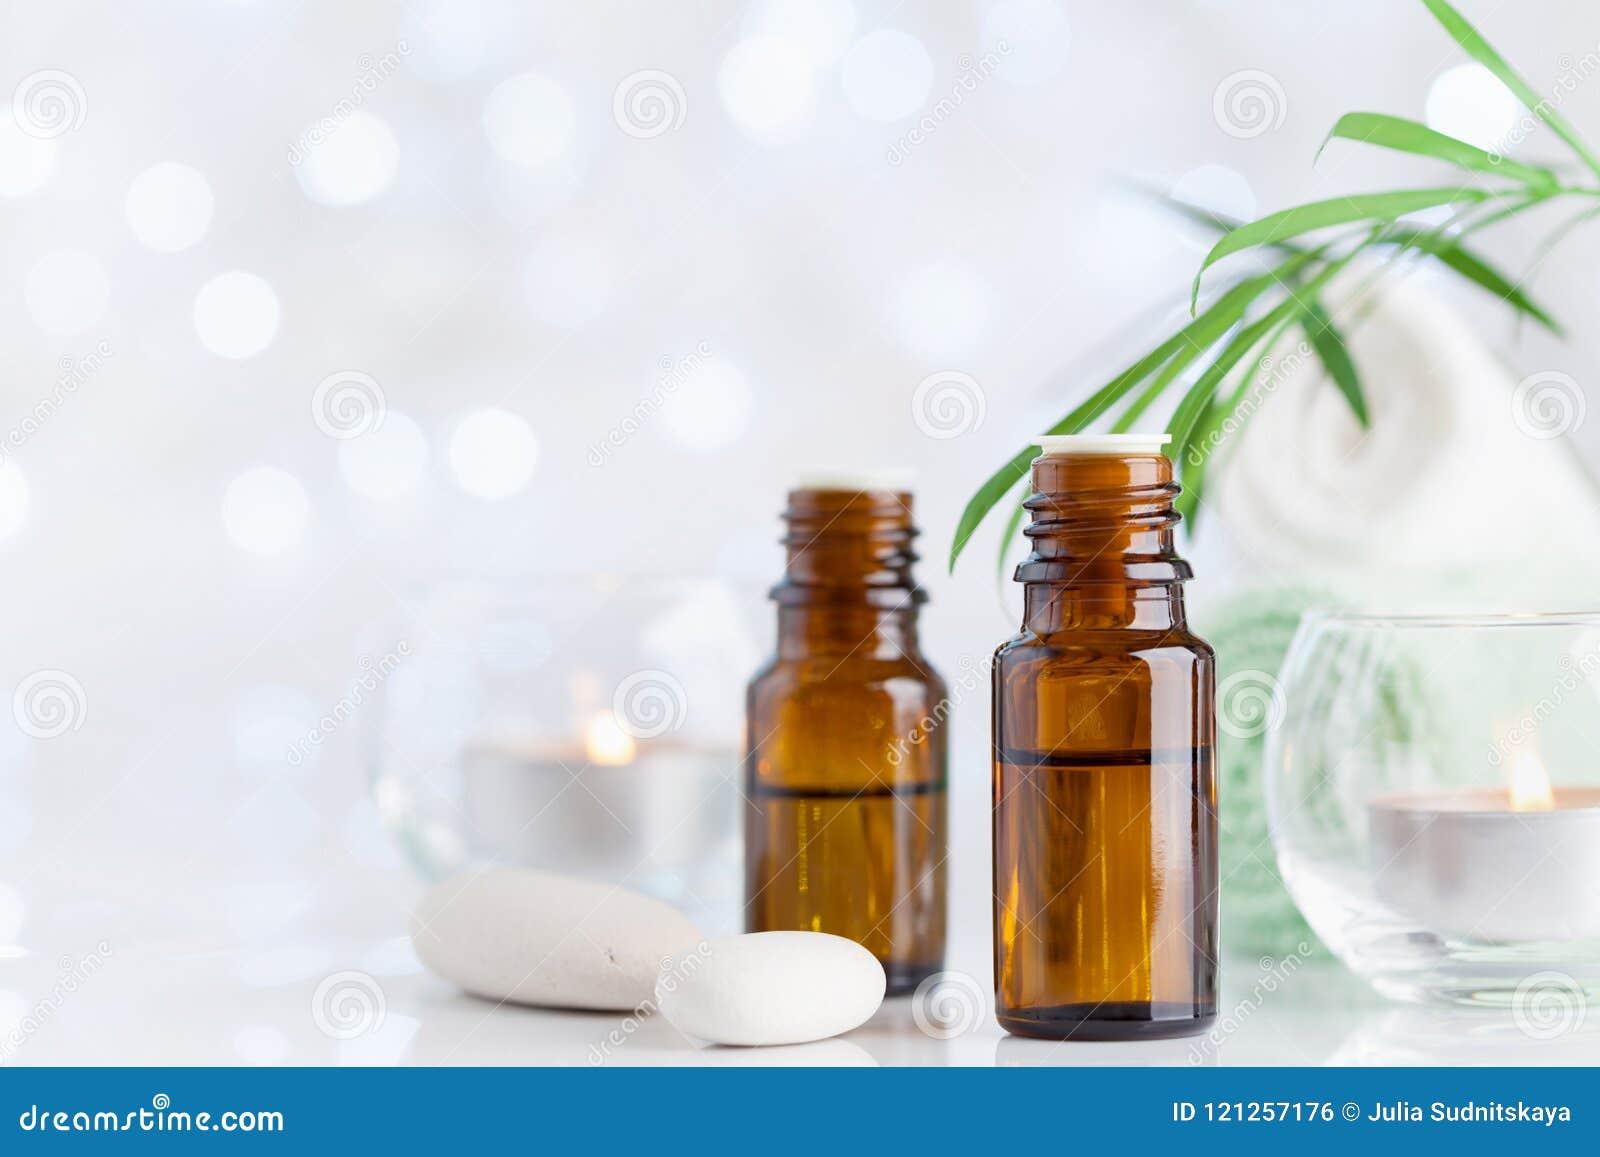 有精油、毛巾和蜡烛的瓶在白色桌上 温泉,芳香疗法,健康,秀丽背景